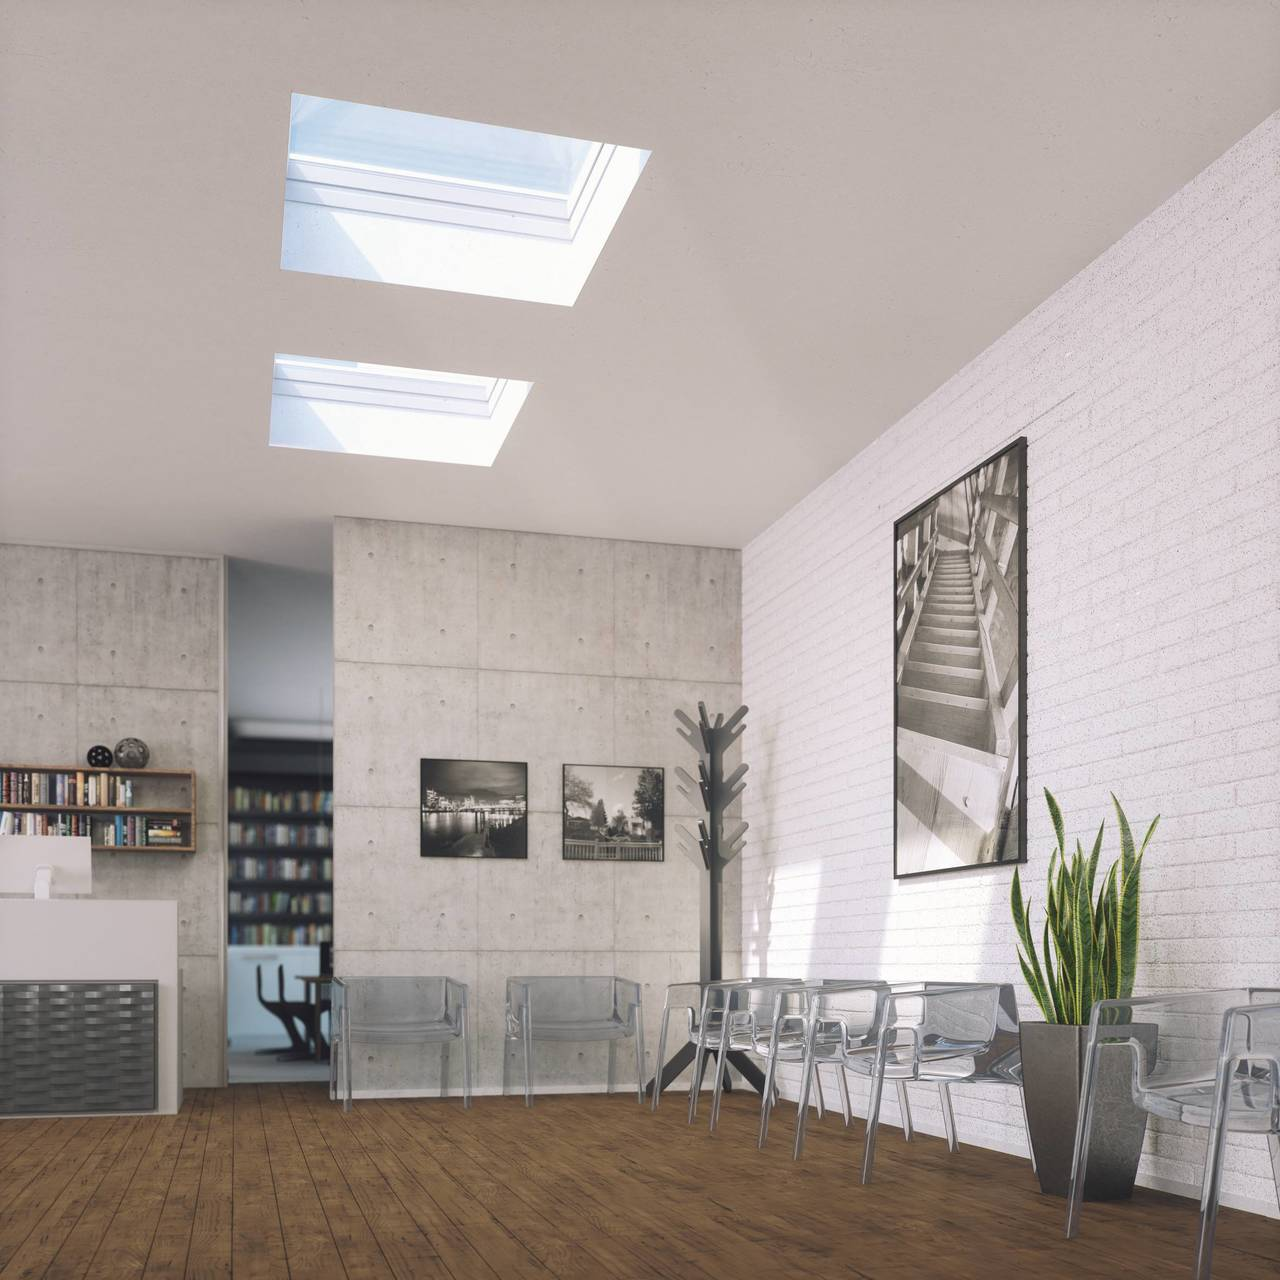 Fakro finestre per tetti piatti arketipo for Finestre fakro